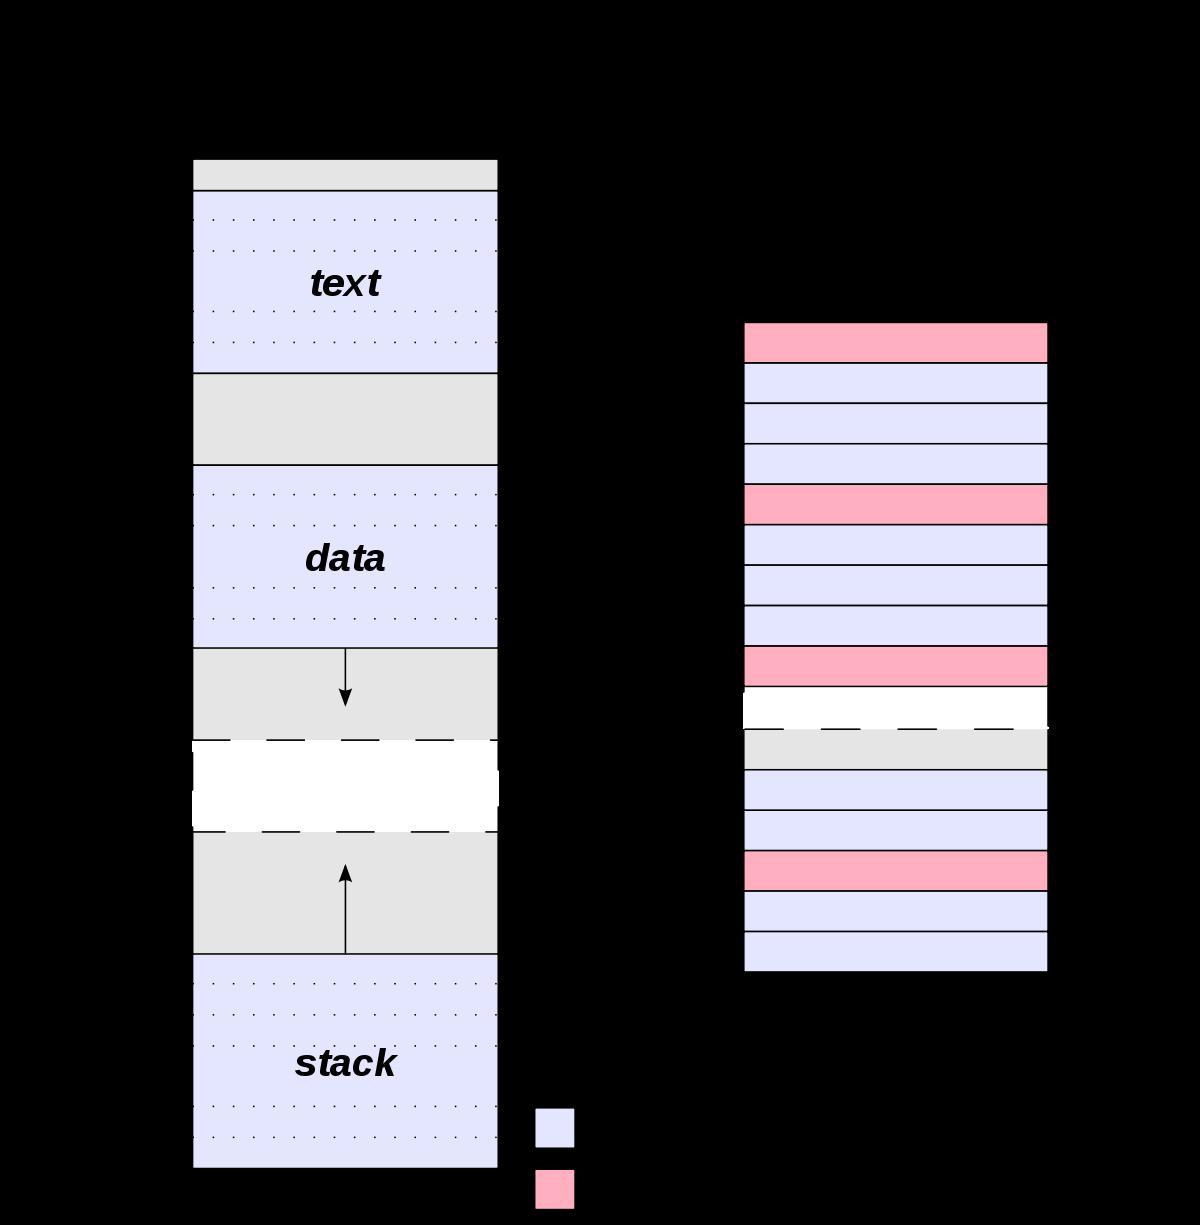 Реализуем тач логгер под Android с помощью CVE-2016–5195 - 6